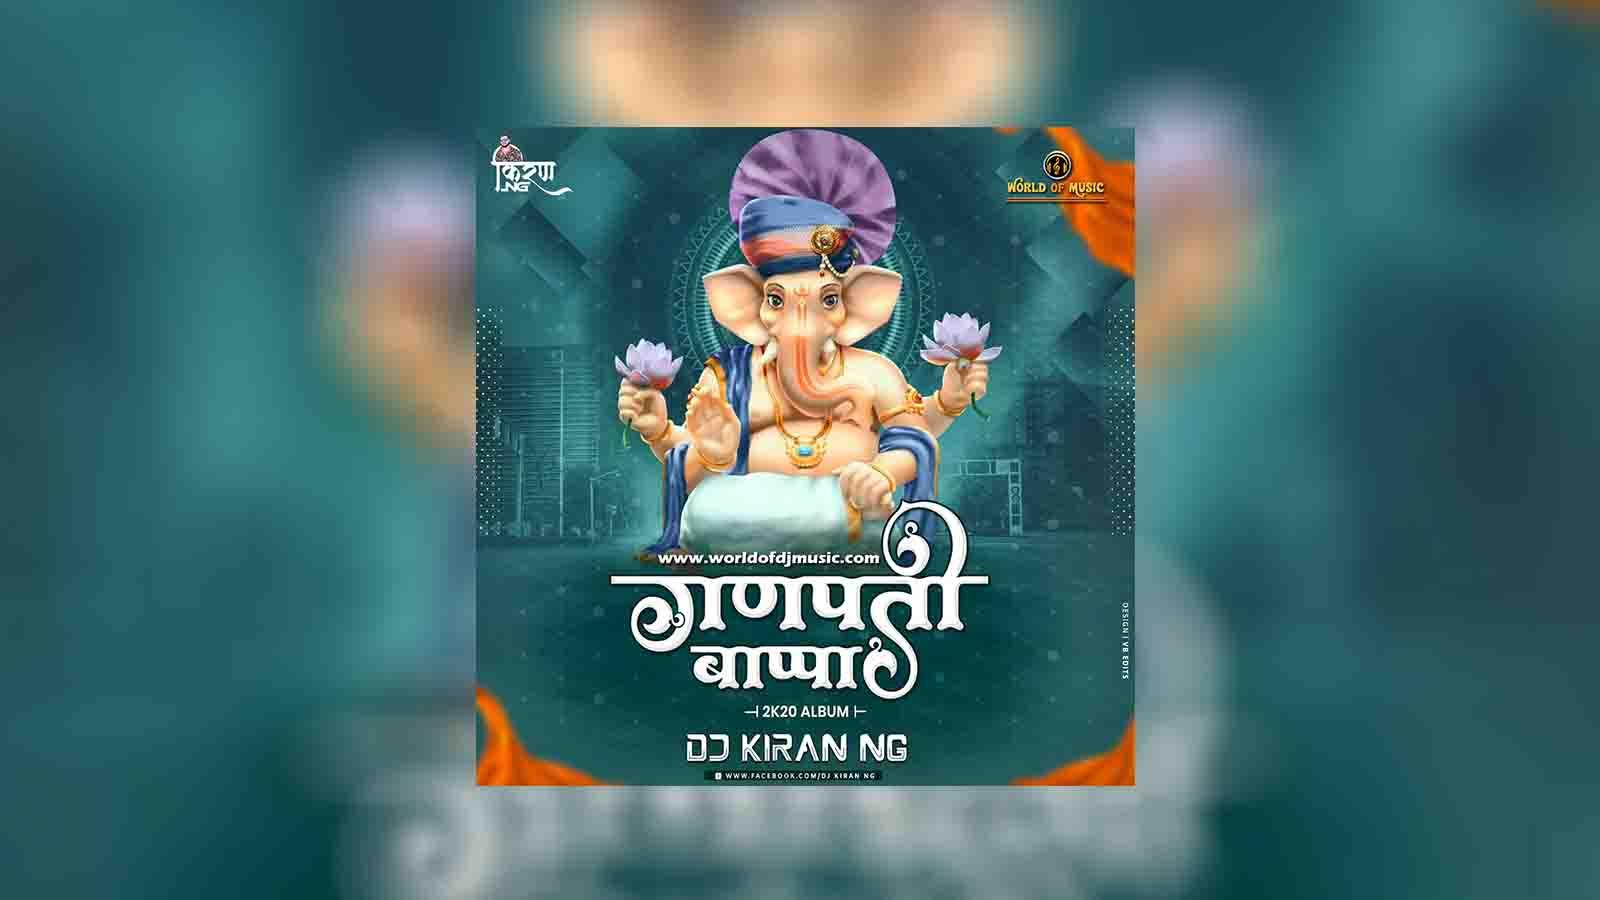 Ashi Chik Motyachi Maal - Dj Kiran NG